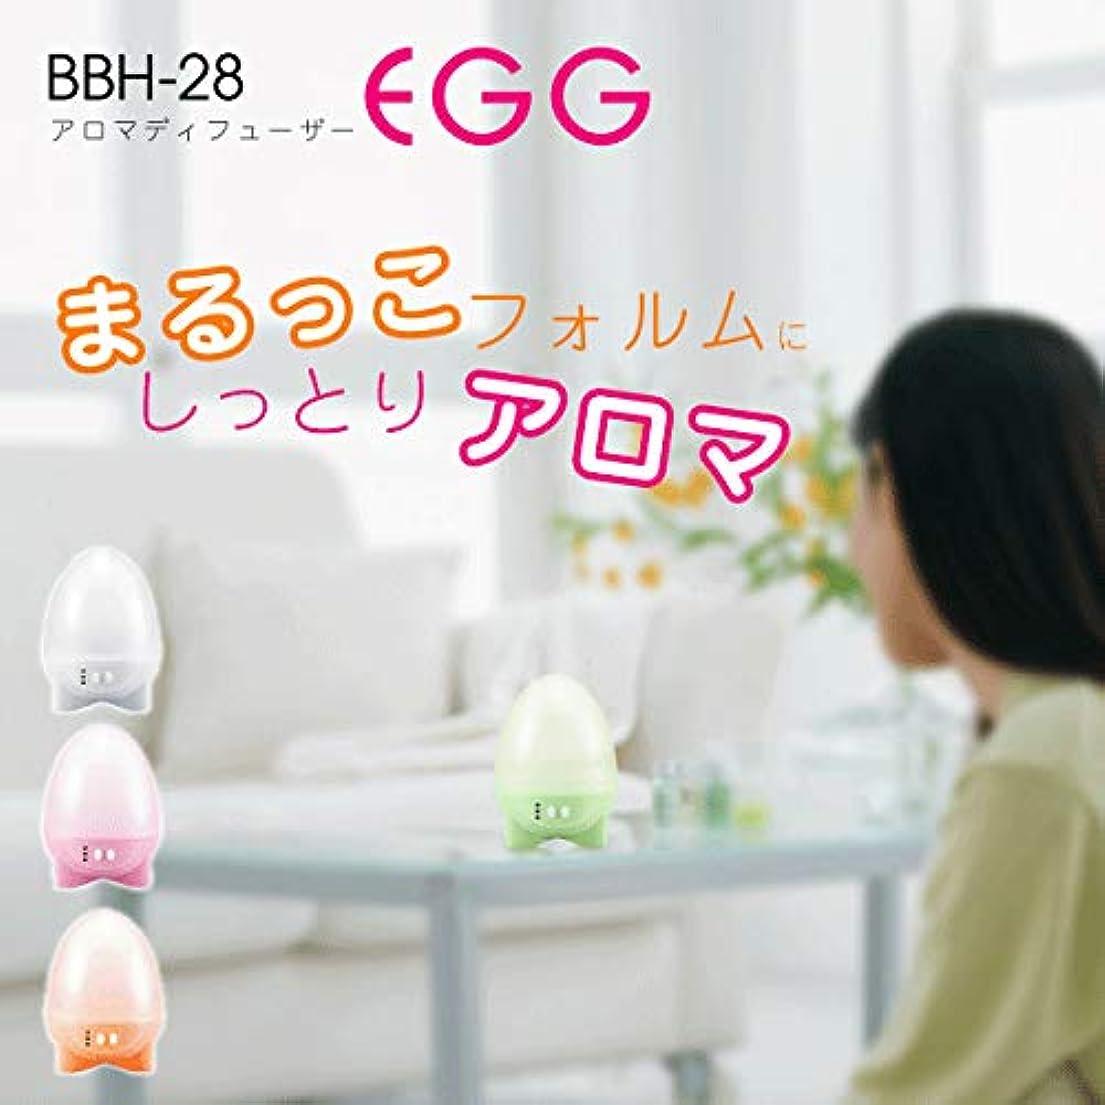 衣服冷酷な内向きPRISMATE(プリズメイト)アロマディフューザー Egg BBH-28 [在庫有]